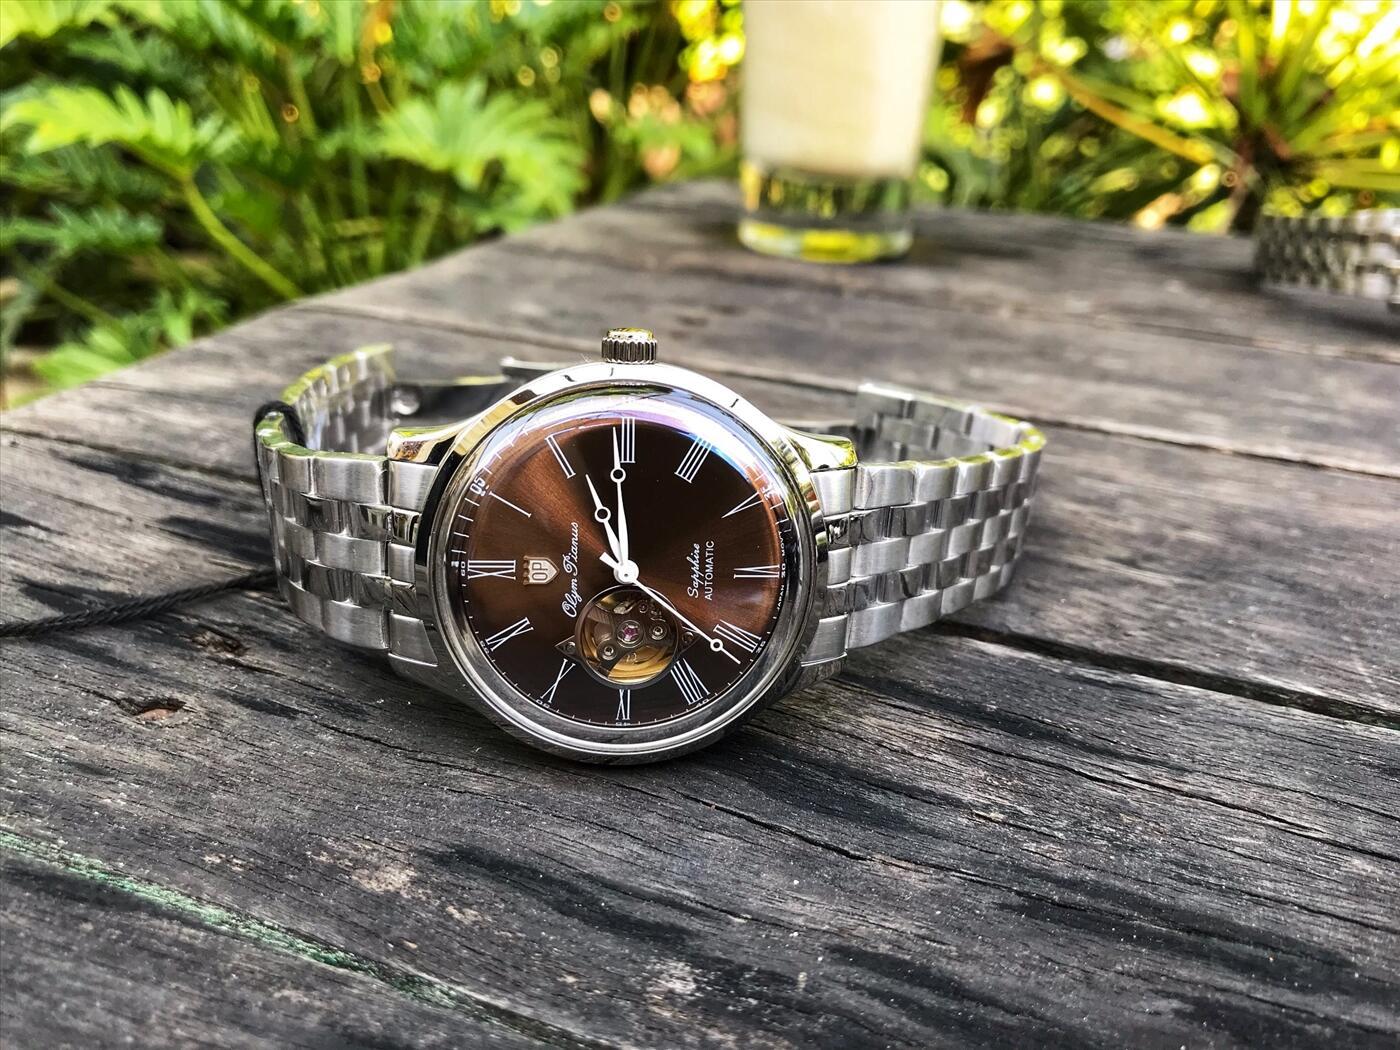 Đồng hồ Olym Pianus OP99141-71.1AGS-N